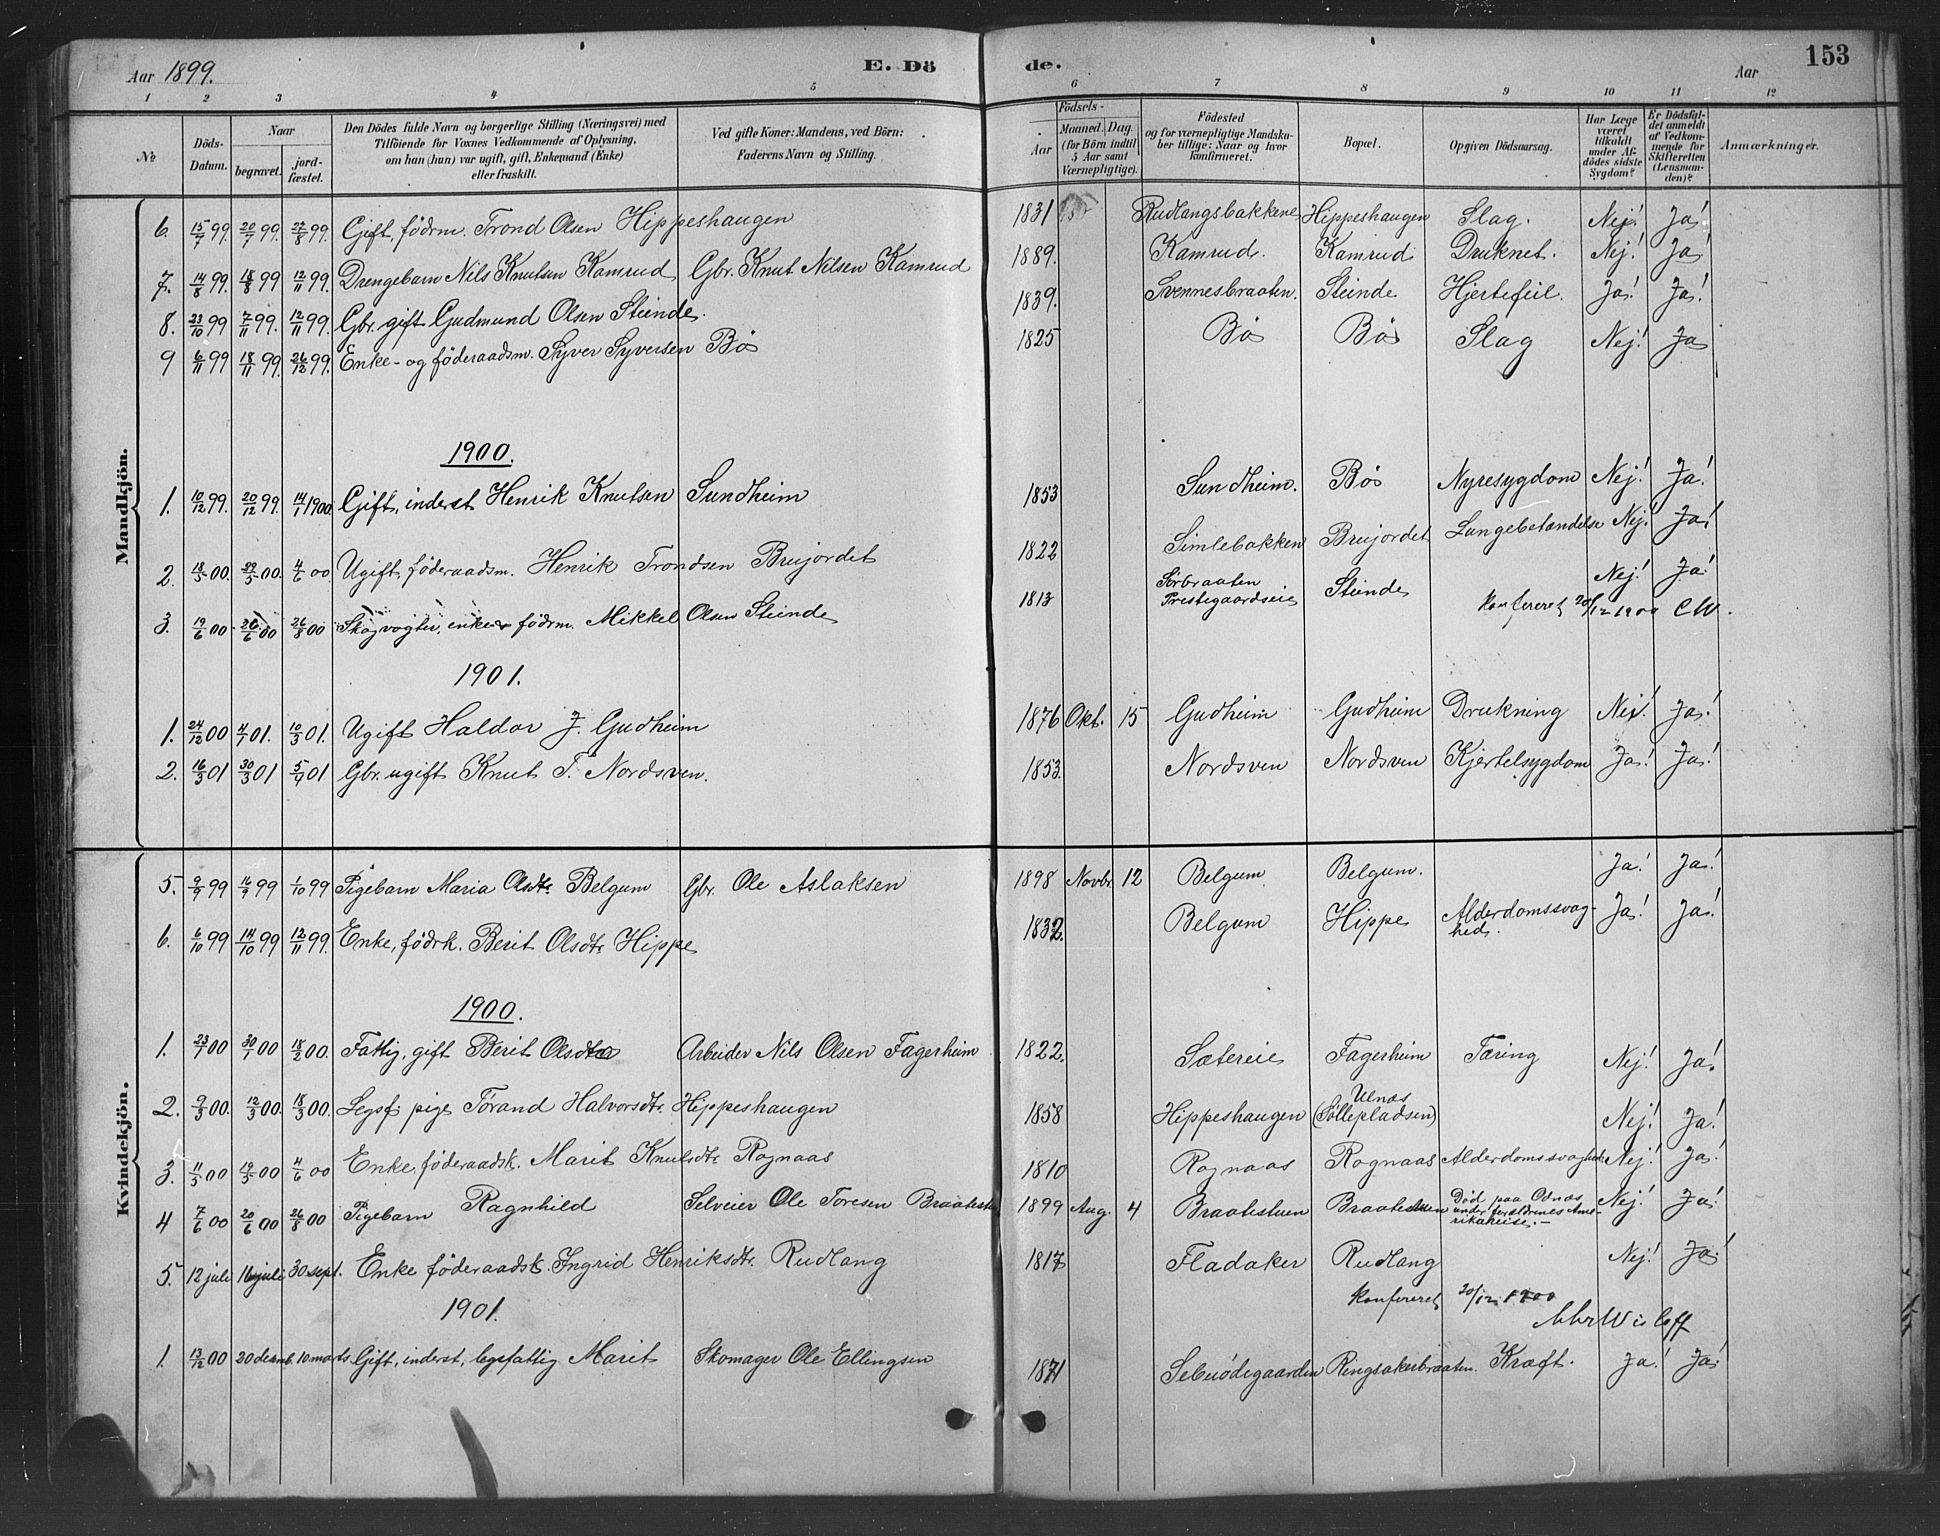 SAH, Nord-Aurdal prestekontor, Klokkerbok nr. 8, 1883-1916, s. 153